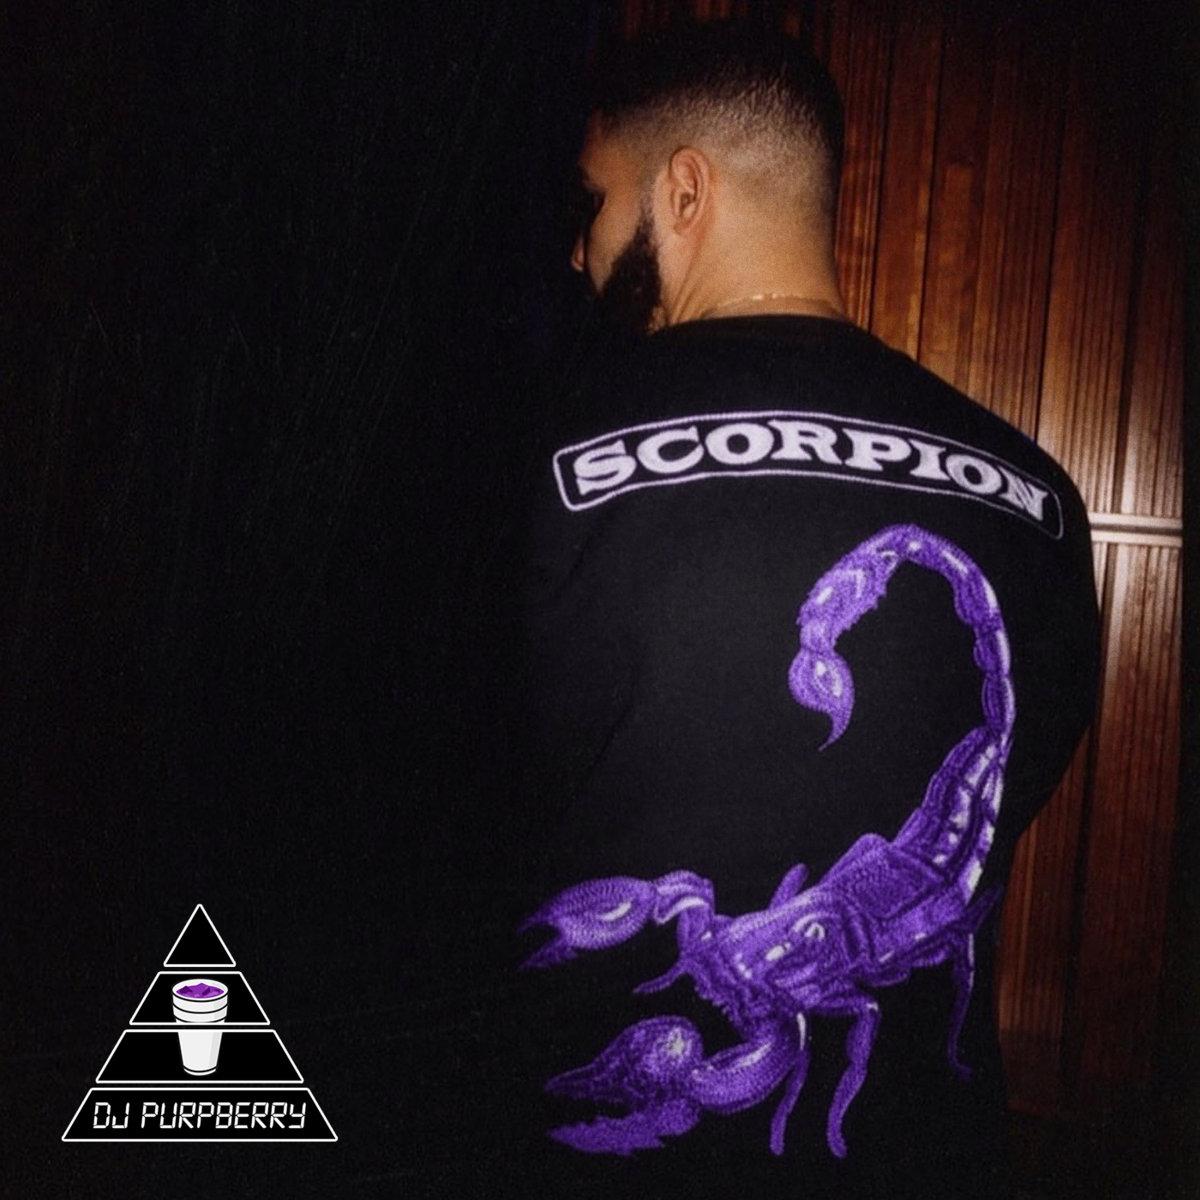 drake scorpion full album free download